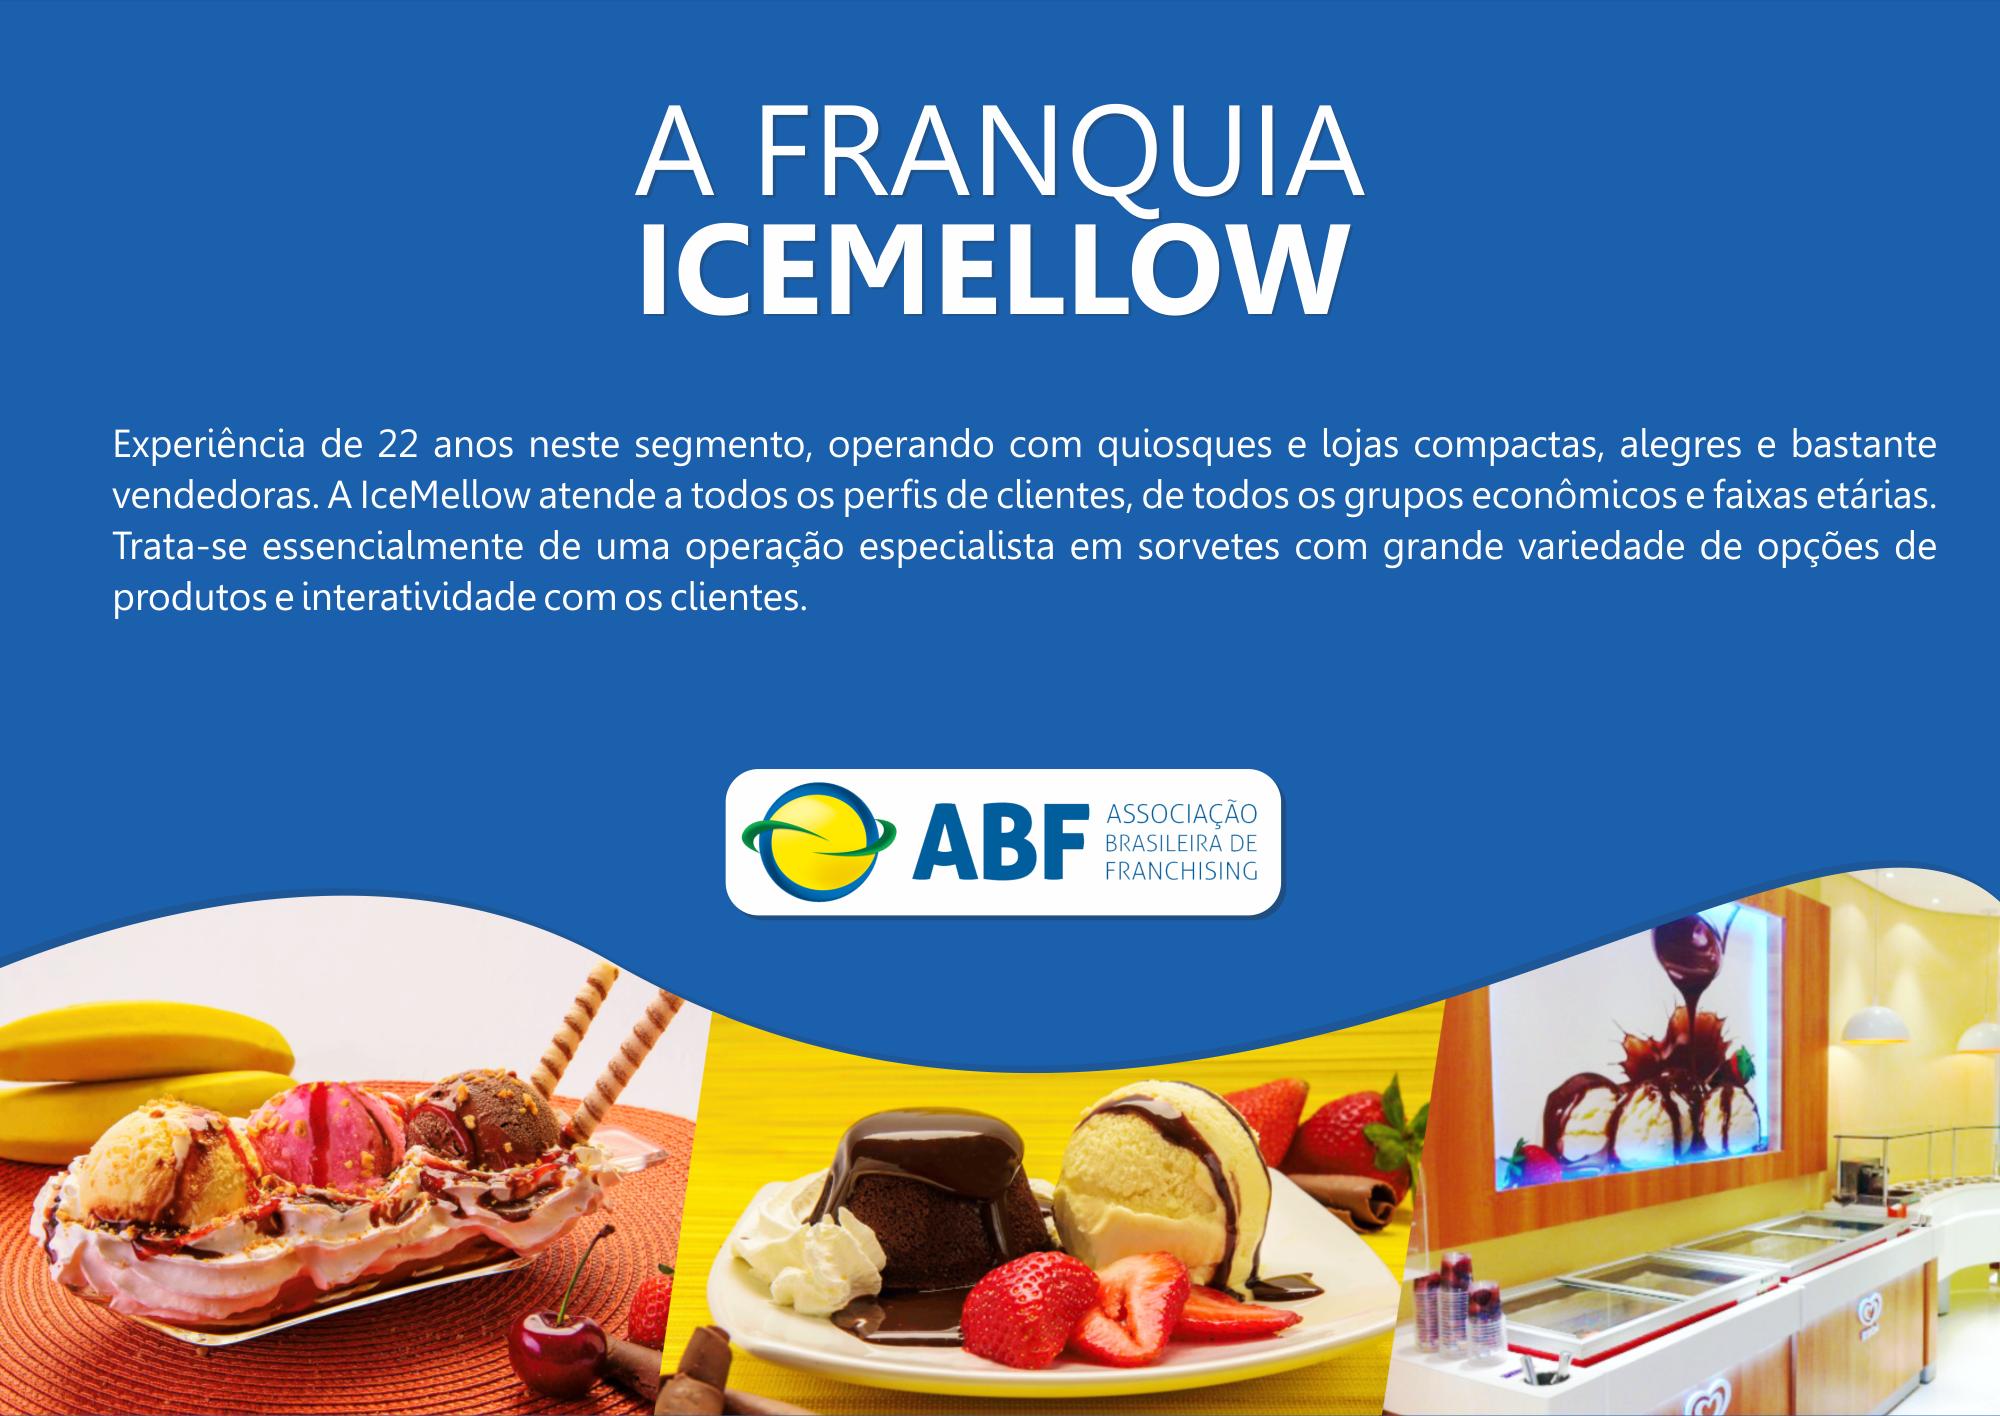 A FRANQUIA ICEMELLOW